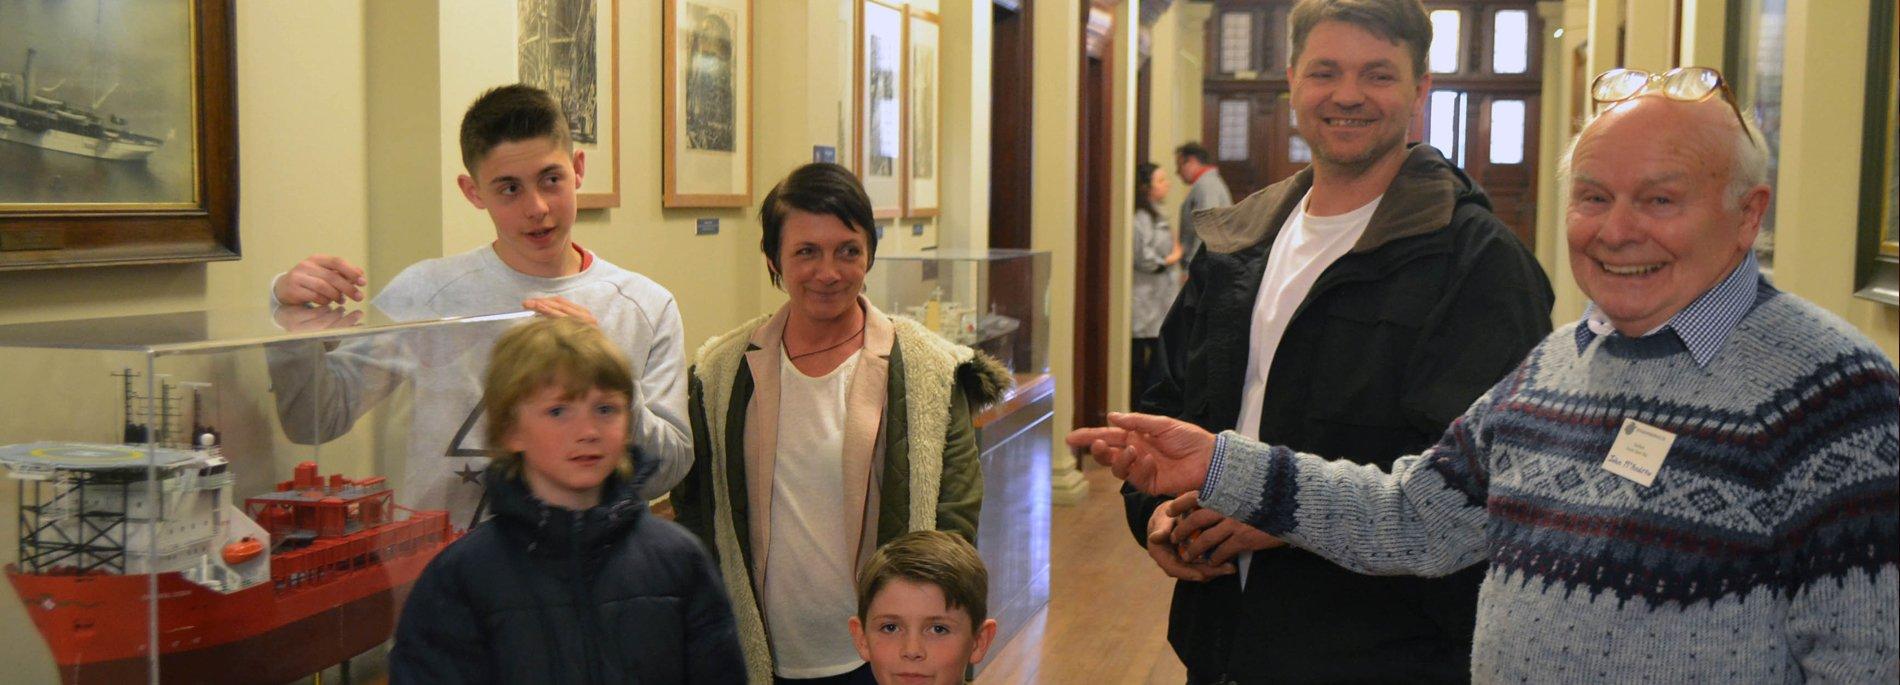 Fairfield Volunteer speaks to visitors